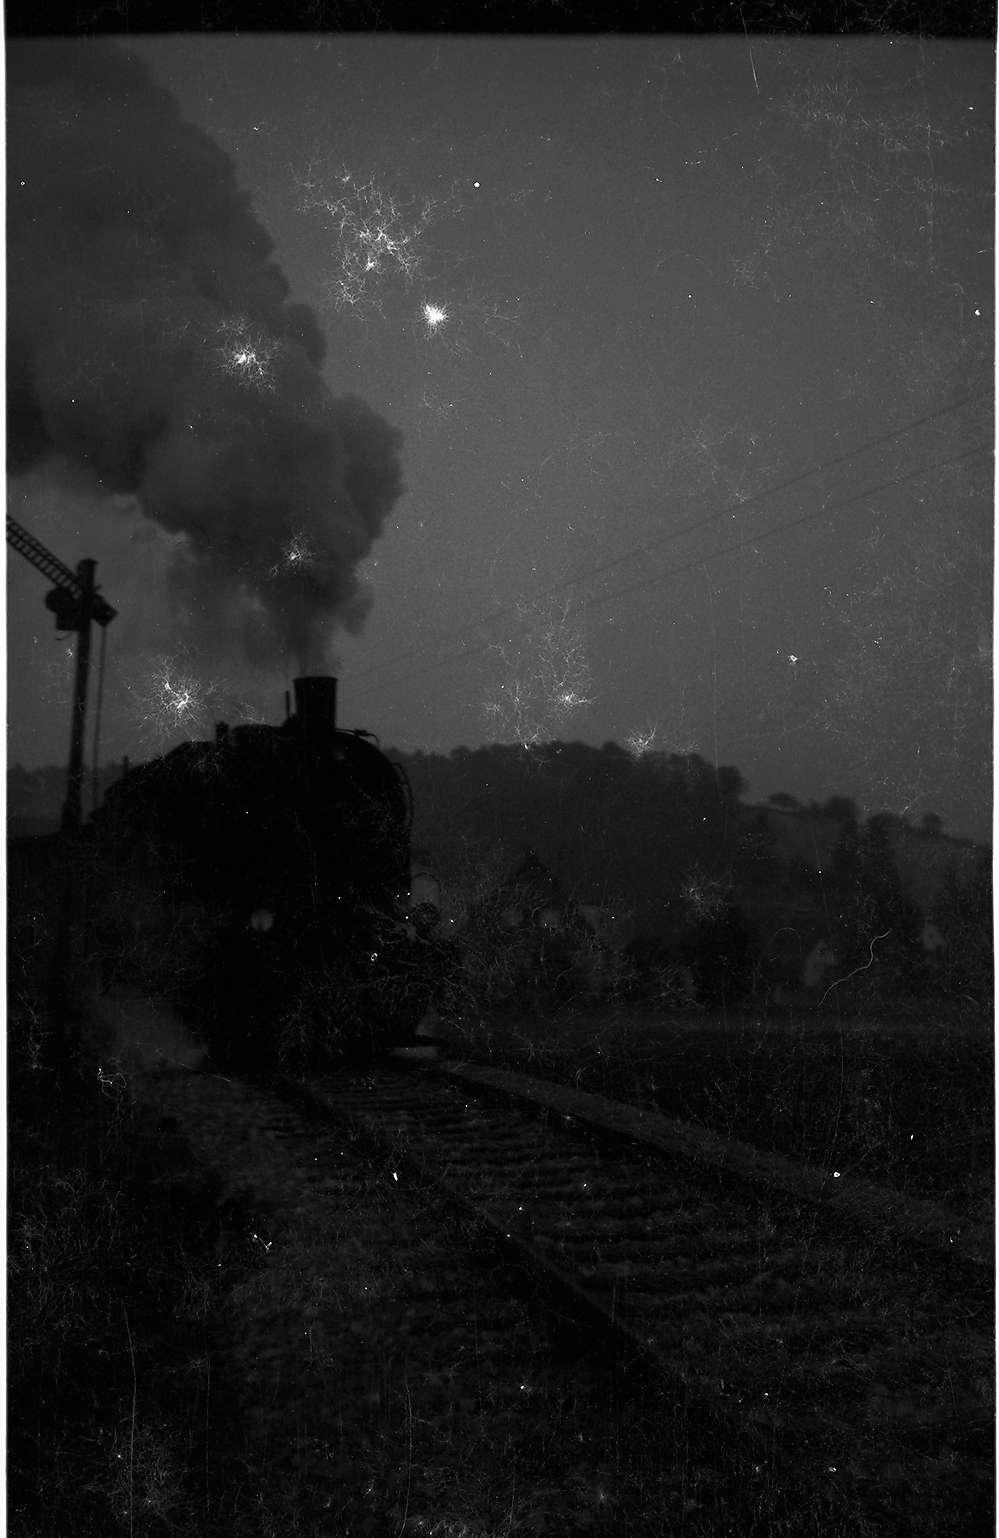 """Lok 15, 313, Sigmaringendorf, altes Einfahrtssignal in der Abenddämmerung """"Halt"""" zeigend, Bild 1"""